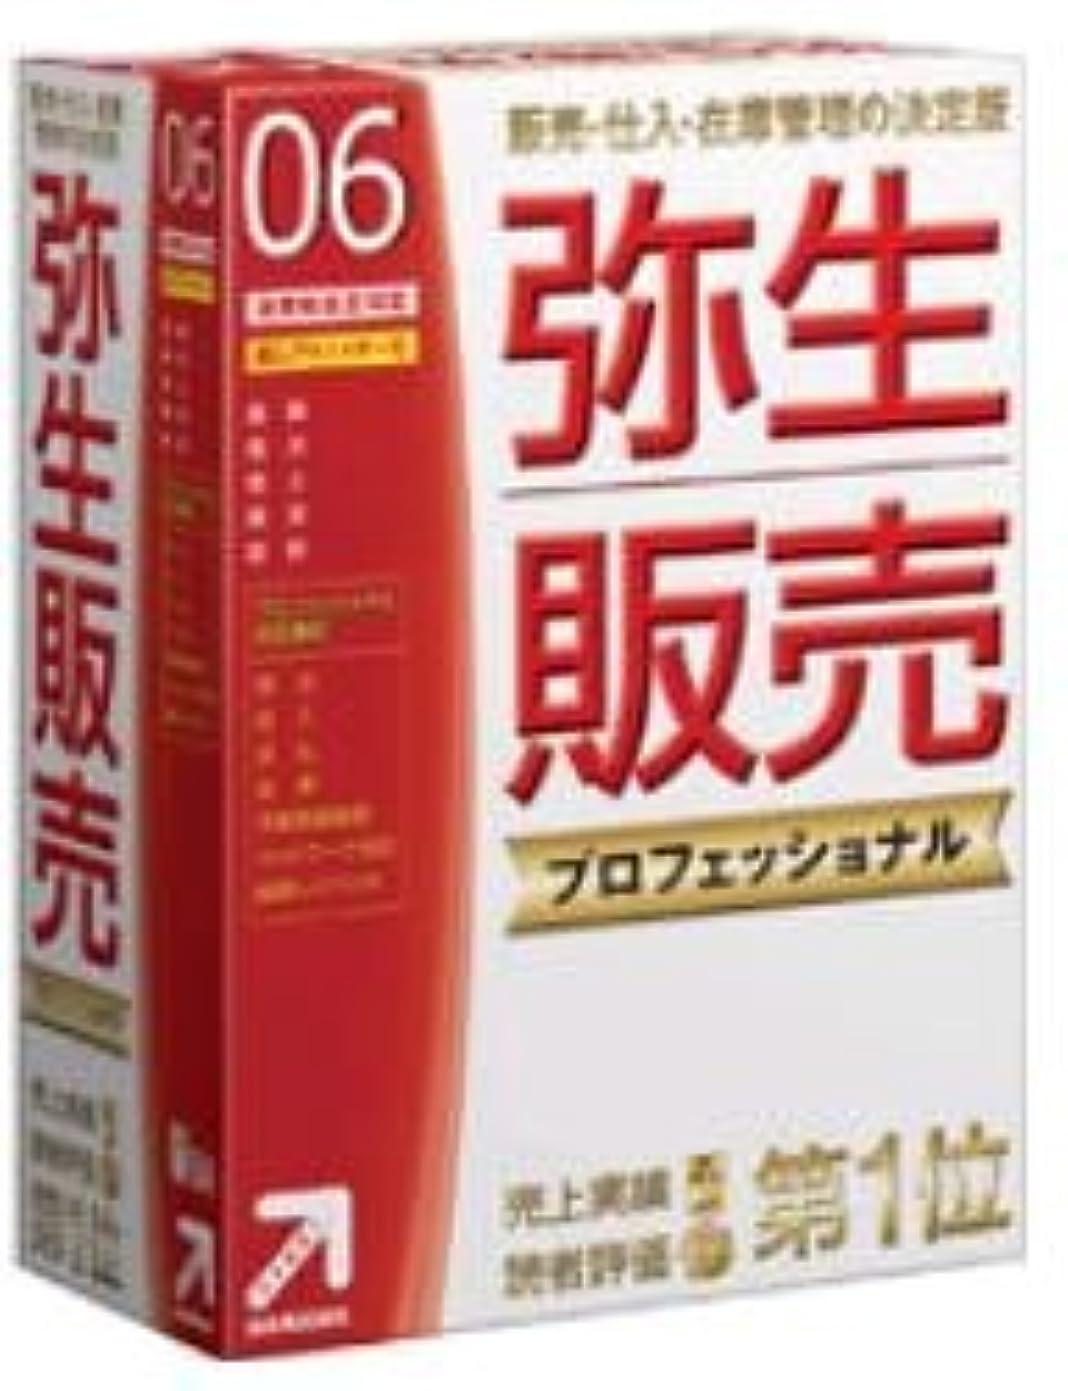 補正罰全く【旧商品】弥生販売 プロフェッショナル 06